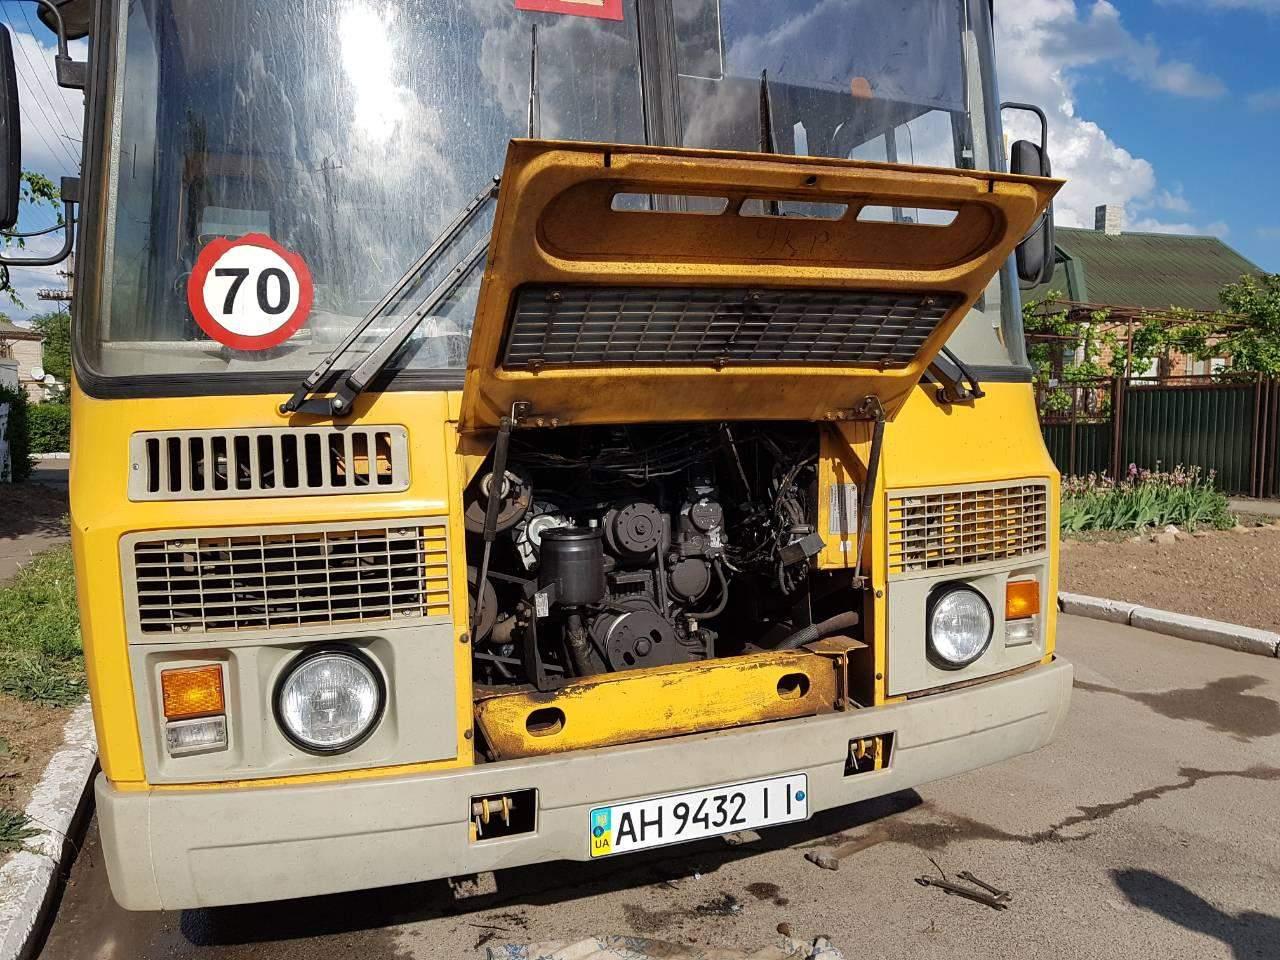 В Донецкой области во время движения загорелся автобус со школьниками (фото)